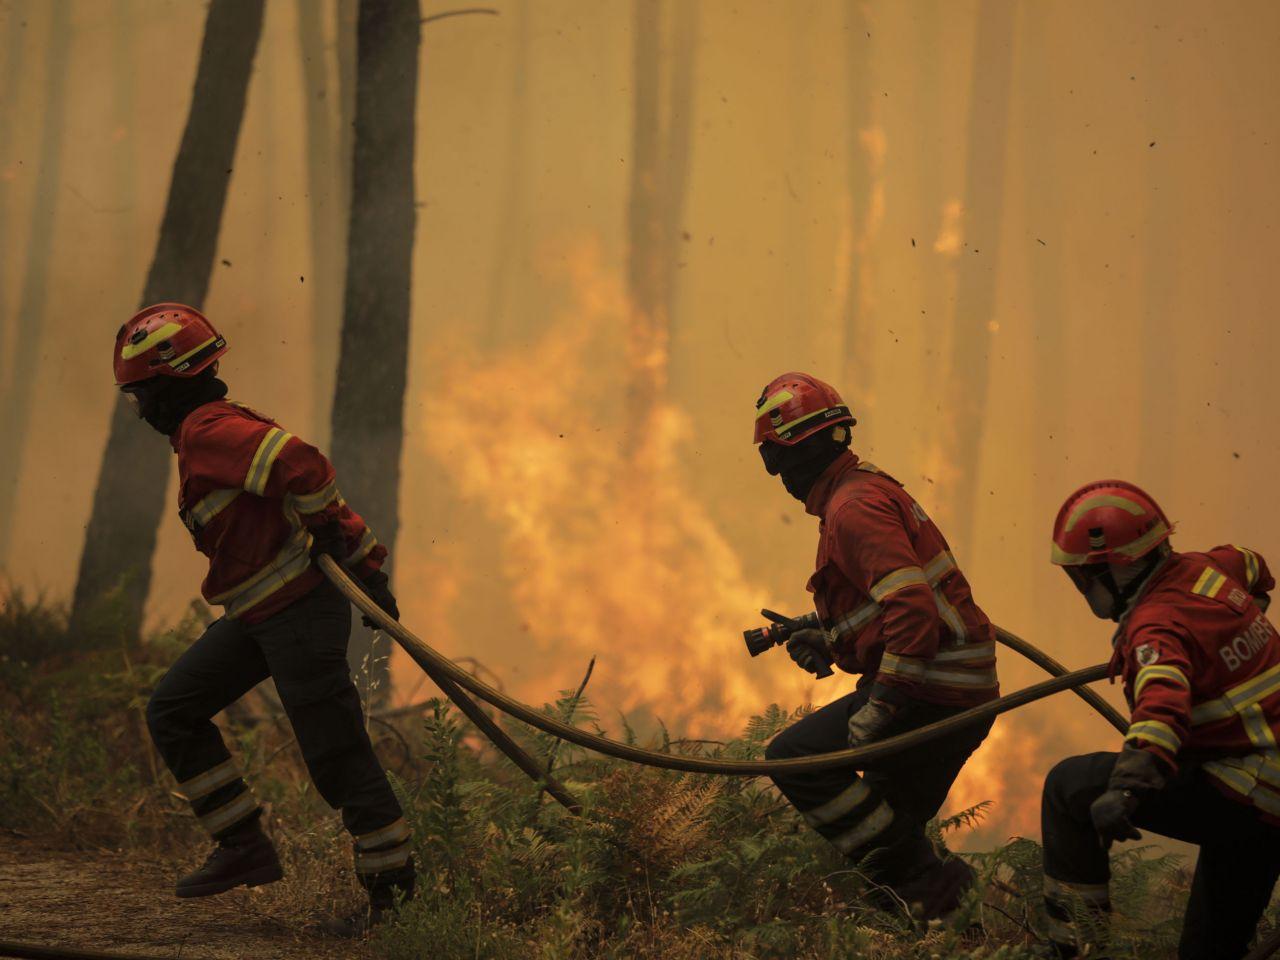 पोर्चुगलको जंगलमा भिषण अगलागी, एक हजार अग्निनियन्त्रक खटाइयो